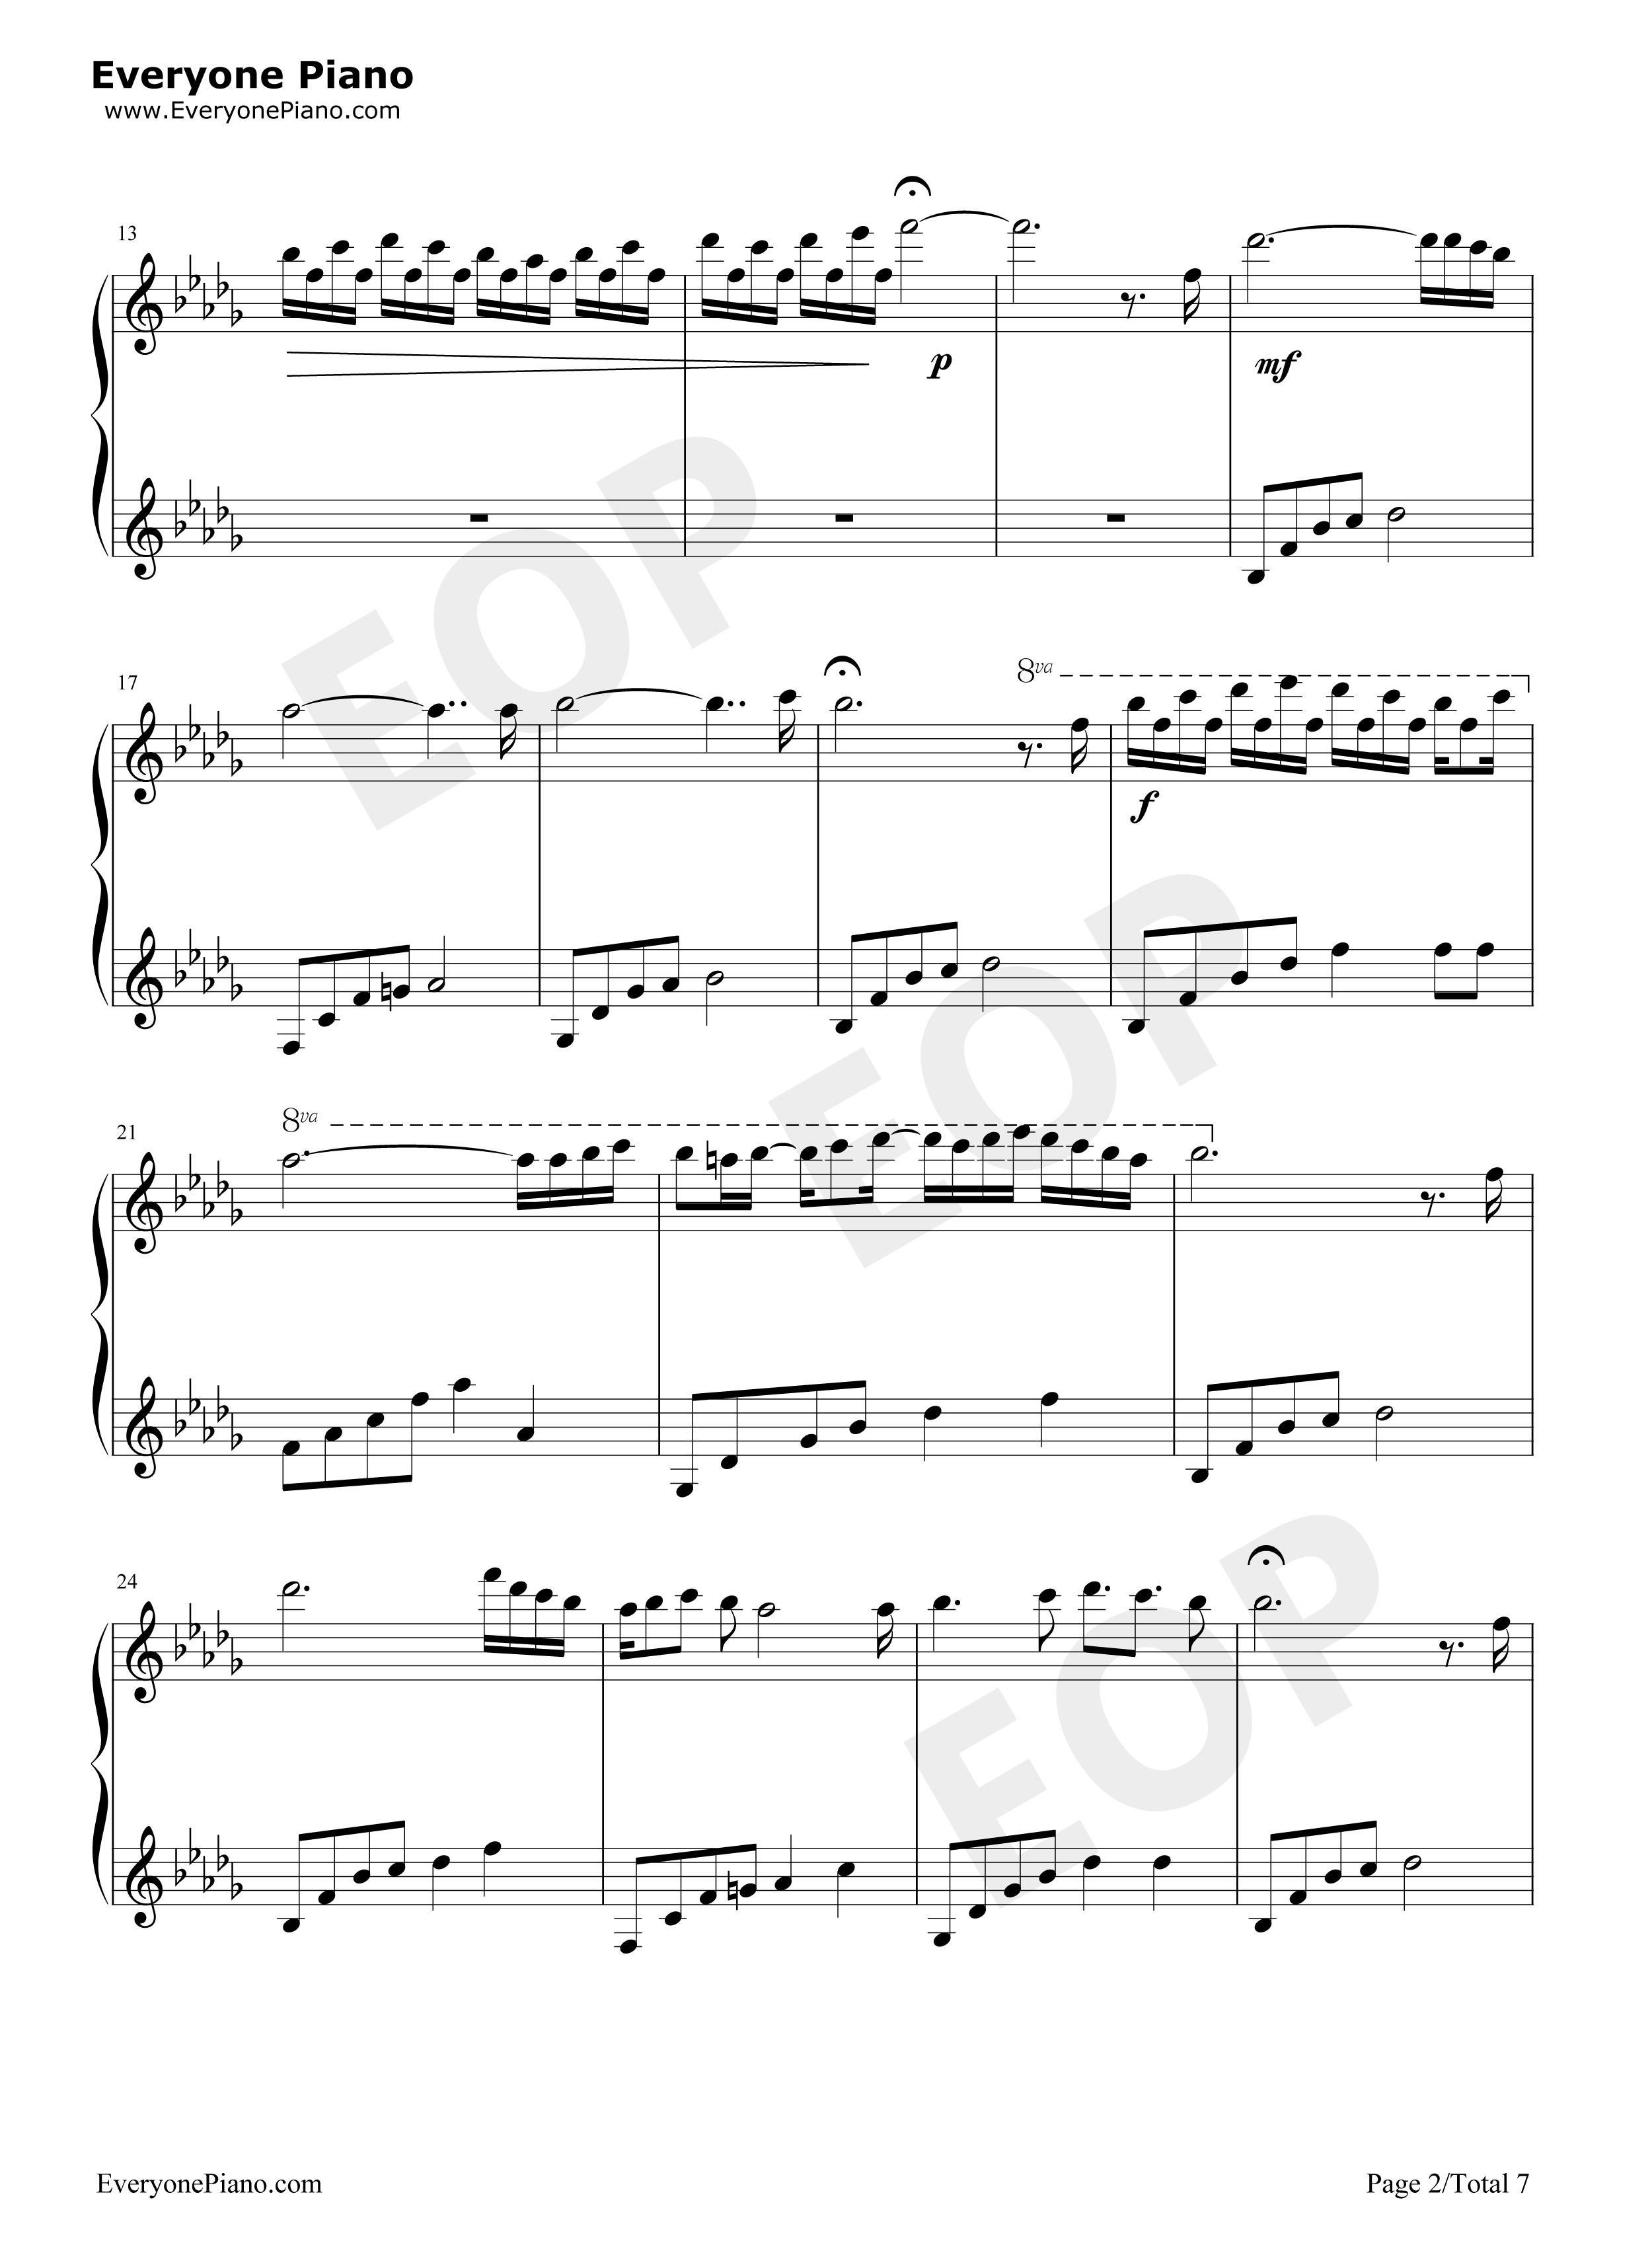 Бетховен мелодия слез скачать мп3